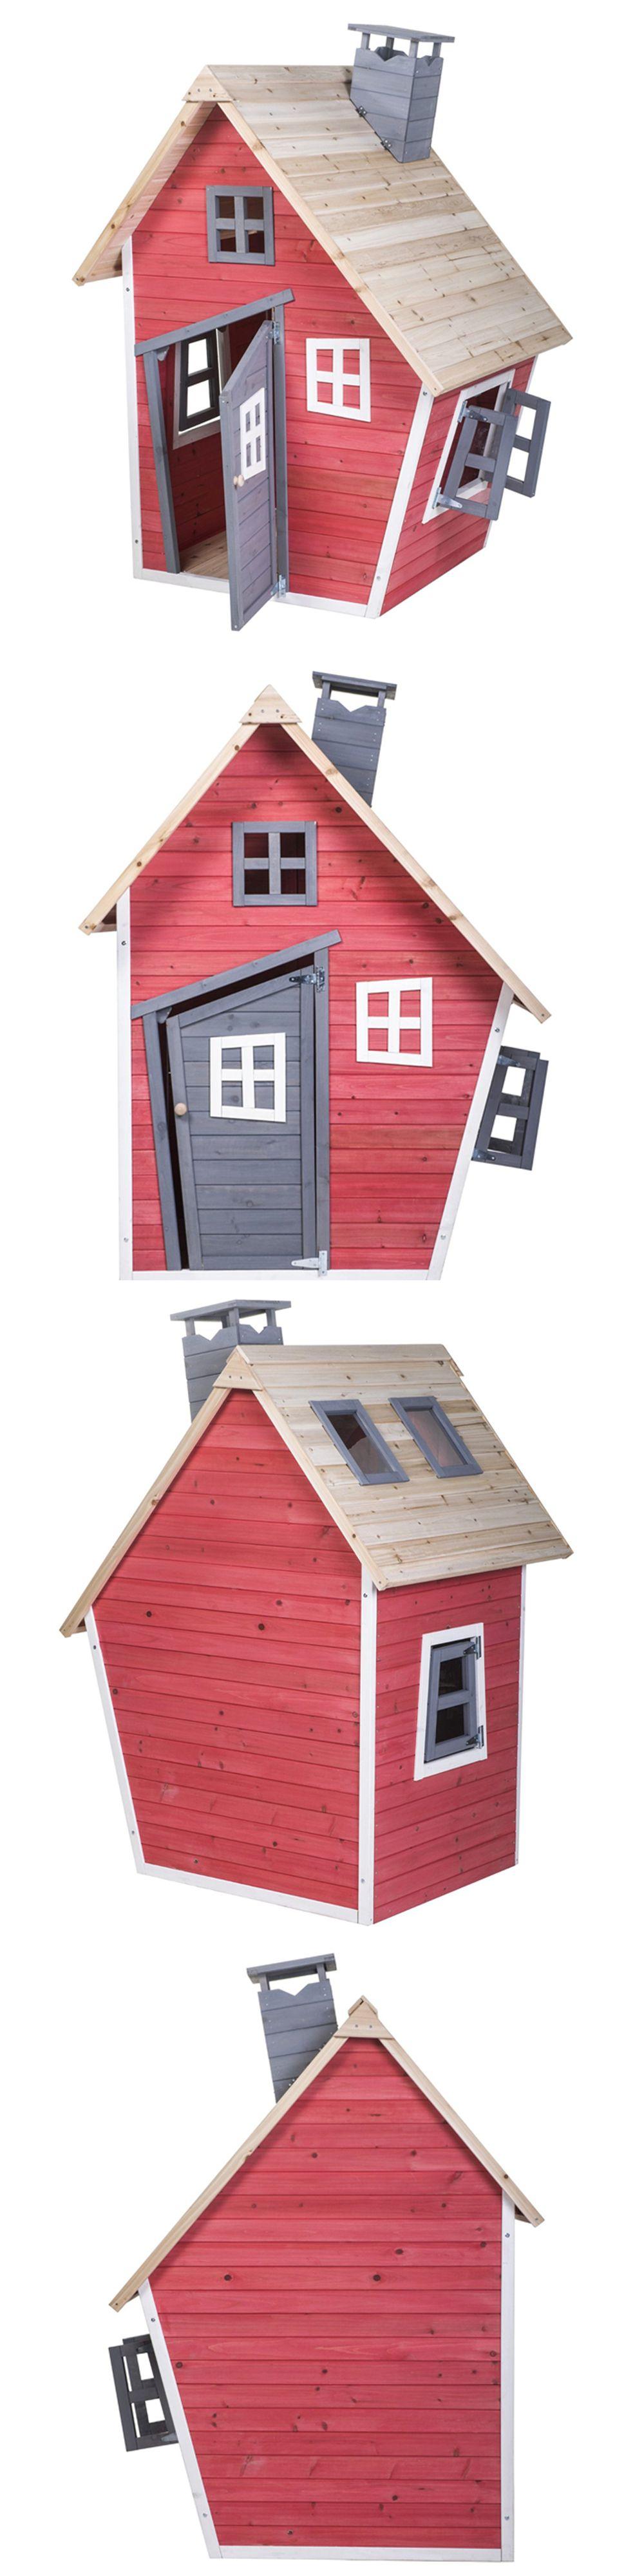 permanent playhouses 145995 children s wooden playhouse indoor